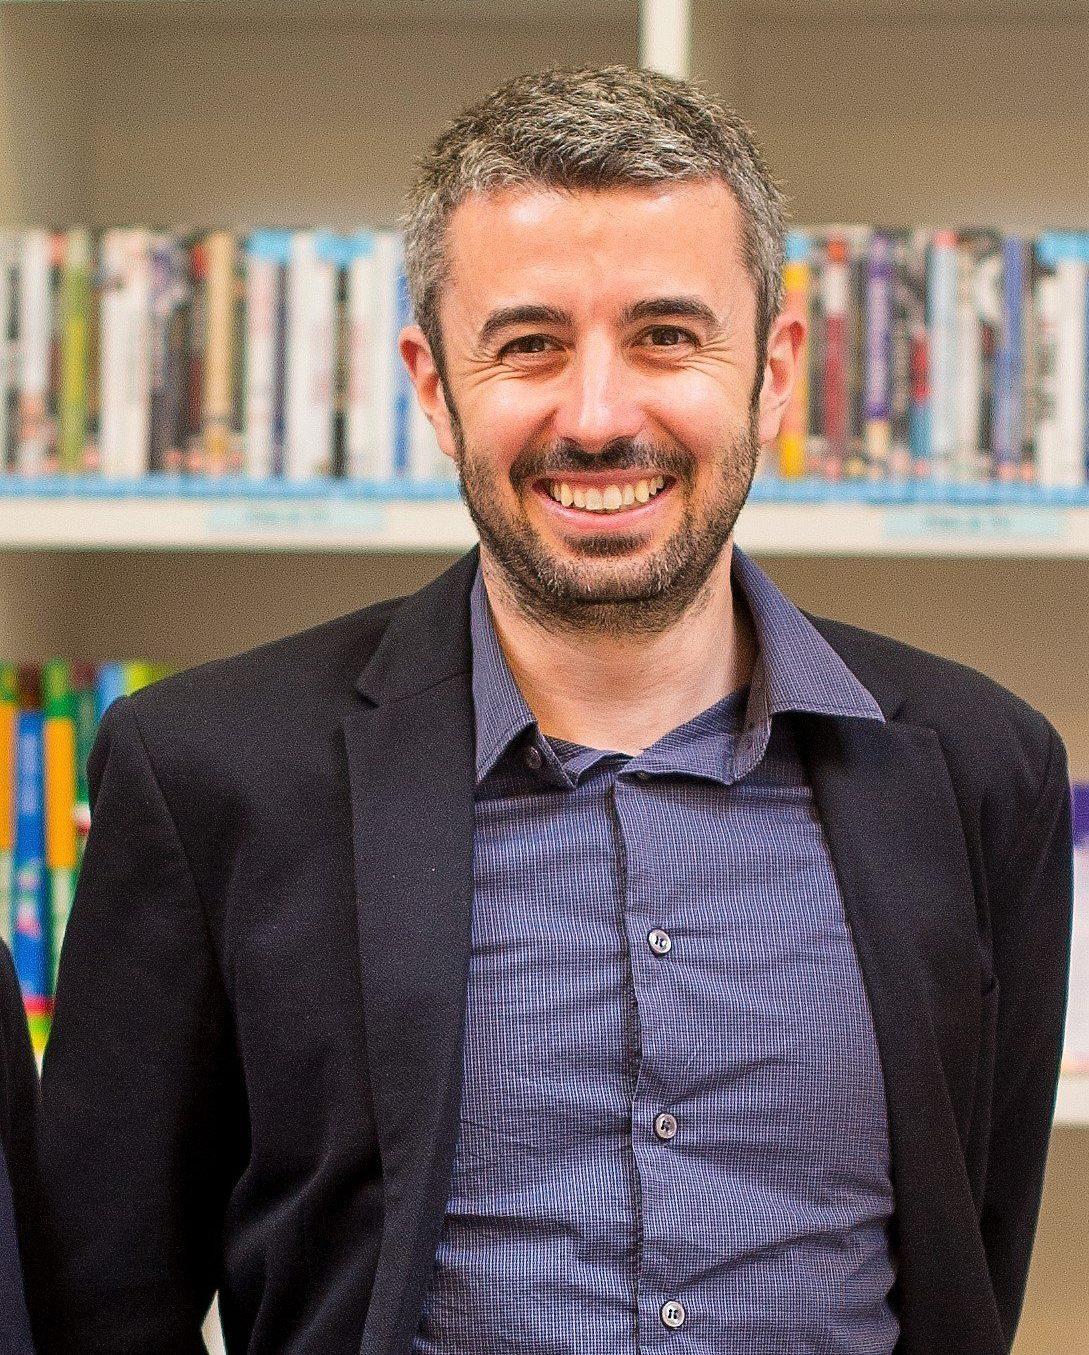 Antonio Lucicesare